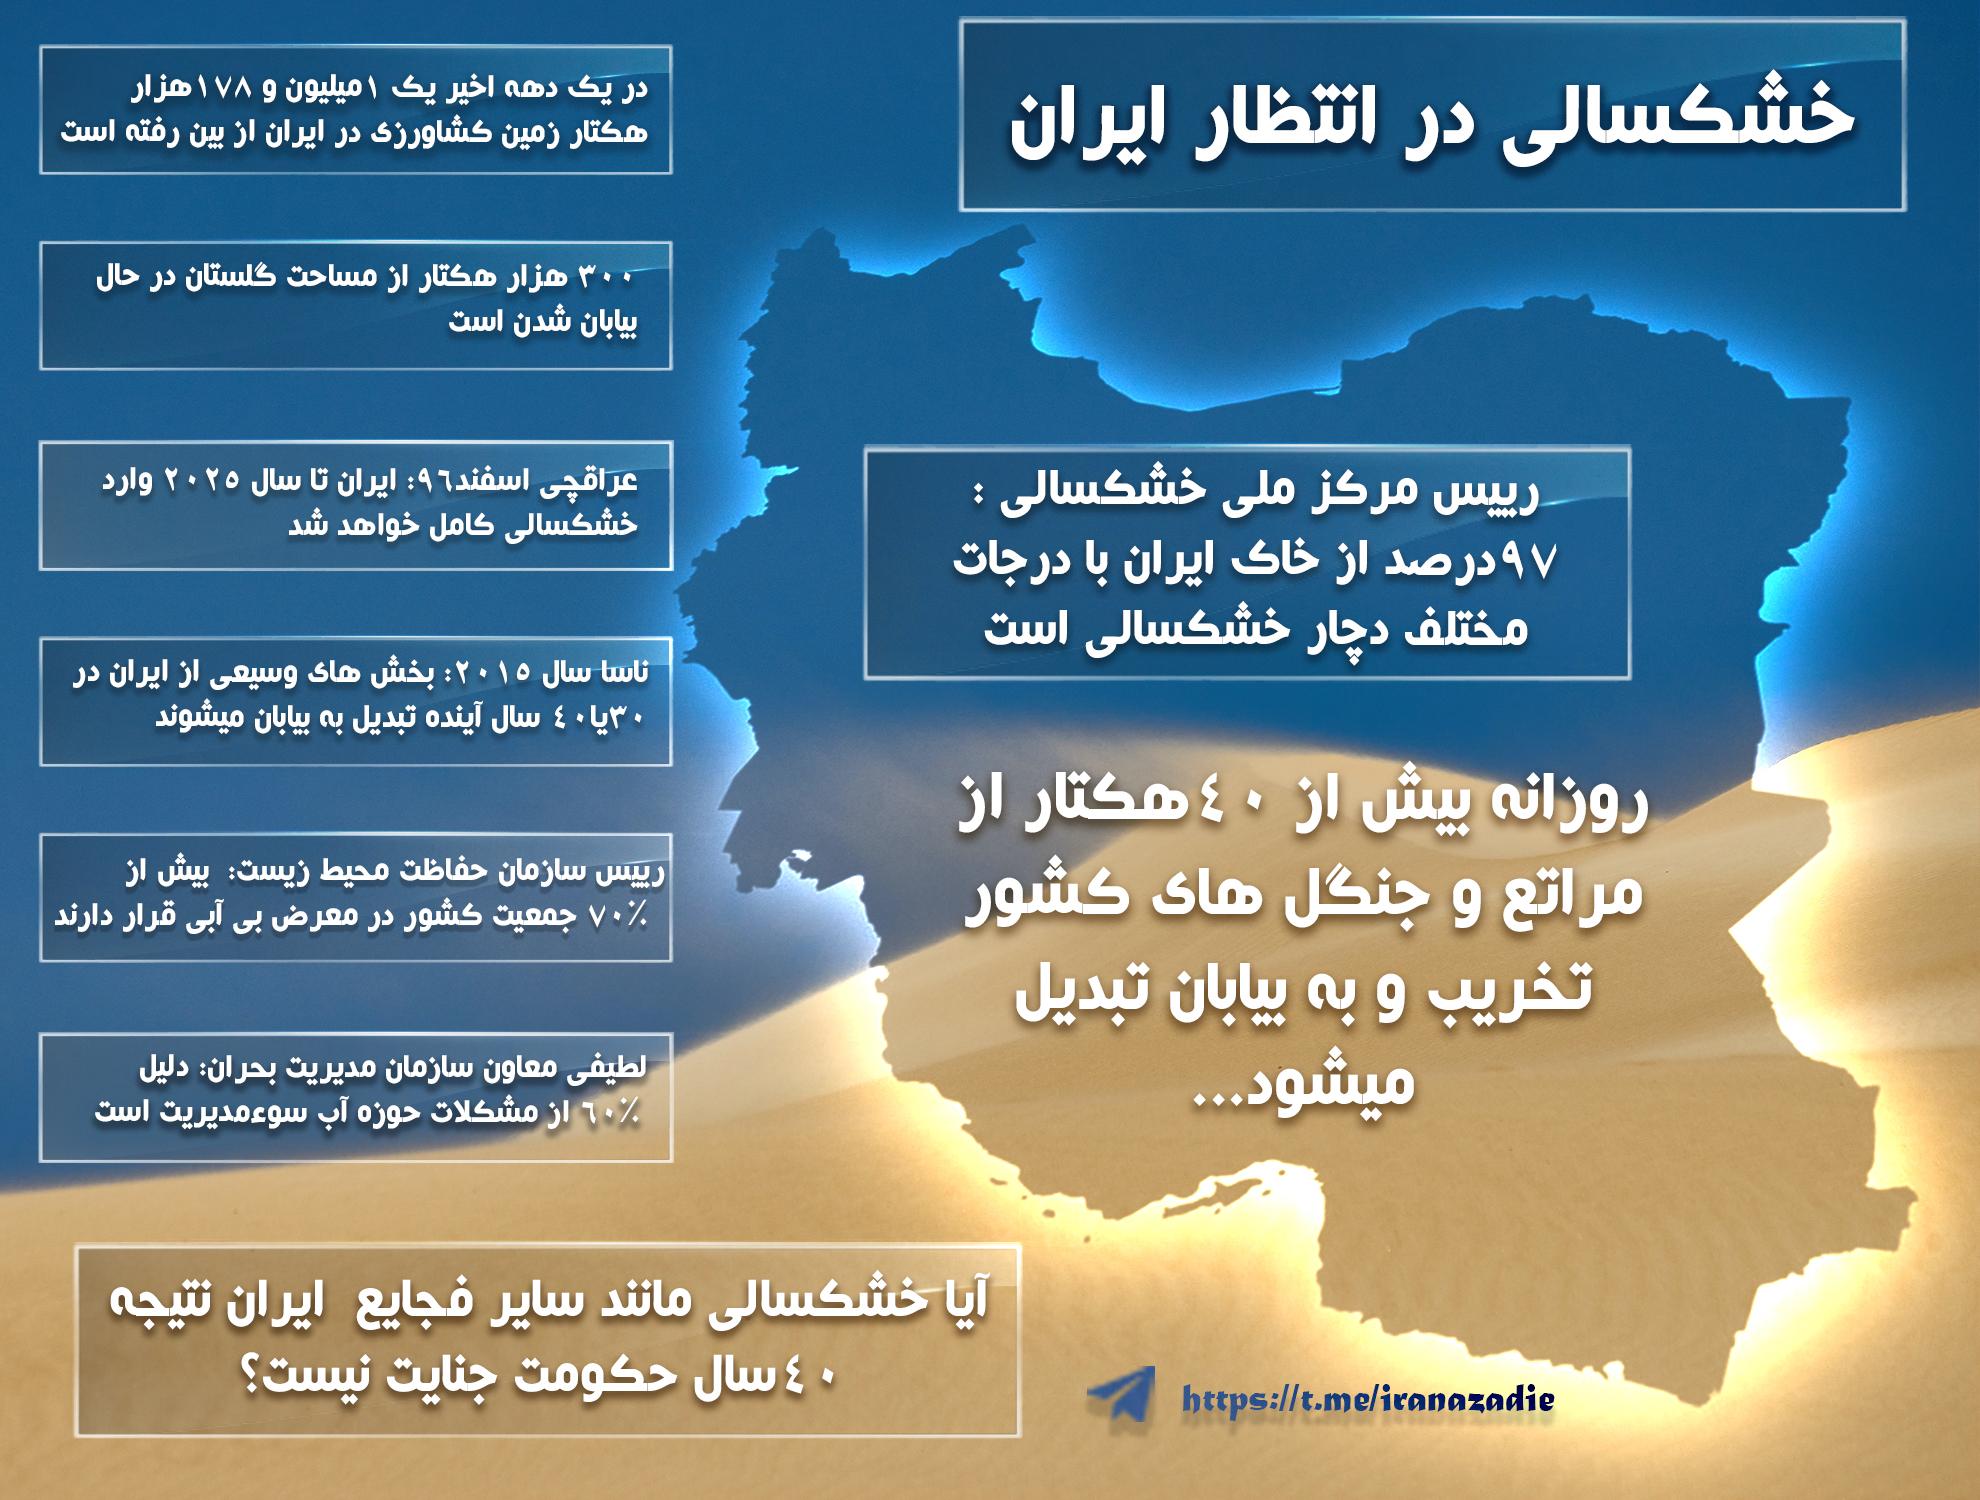 ابر بحران بیآبی در ایران ، نیمی از جمعیت کشور به منابع آب دسترسی ندارند